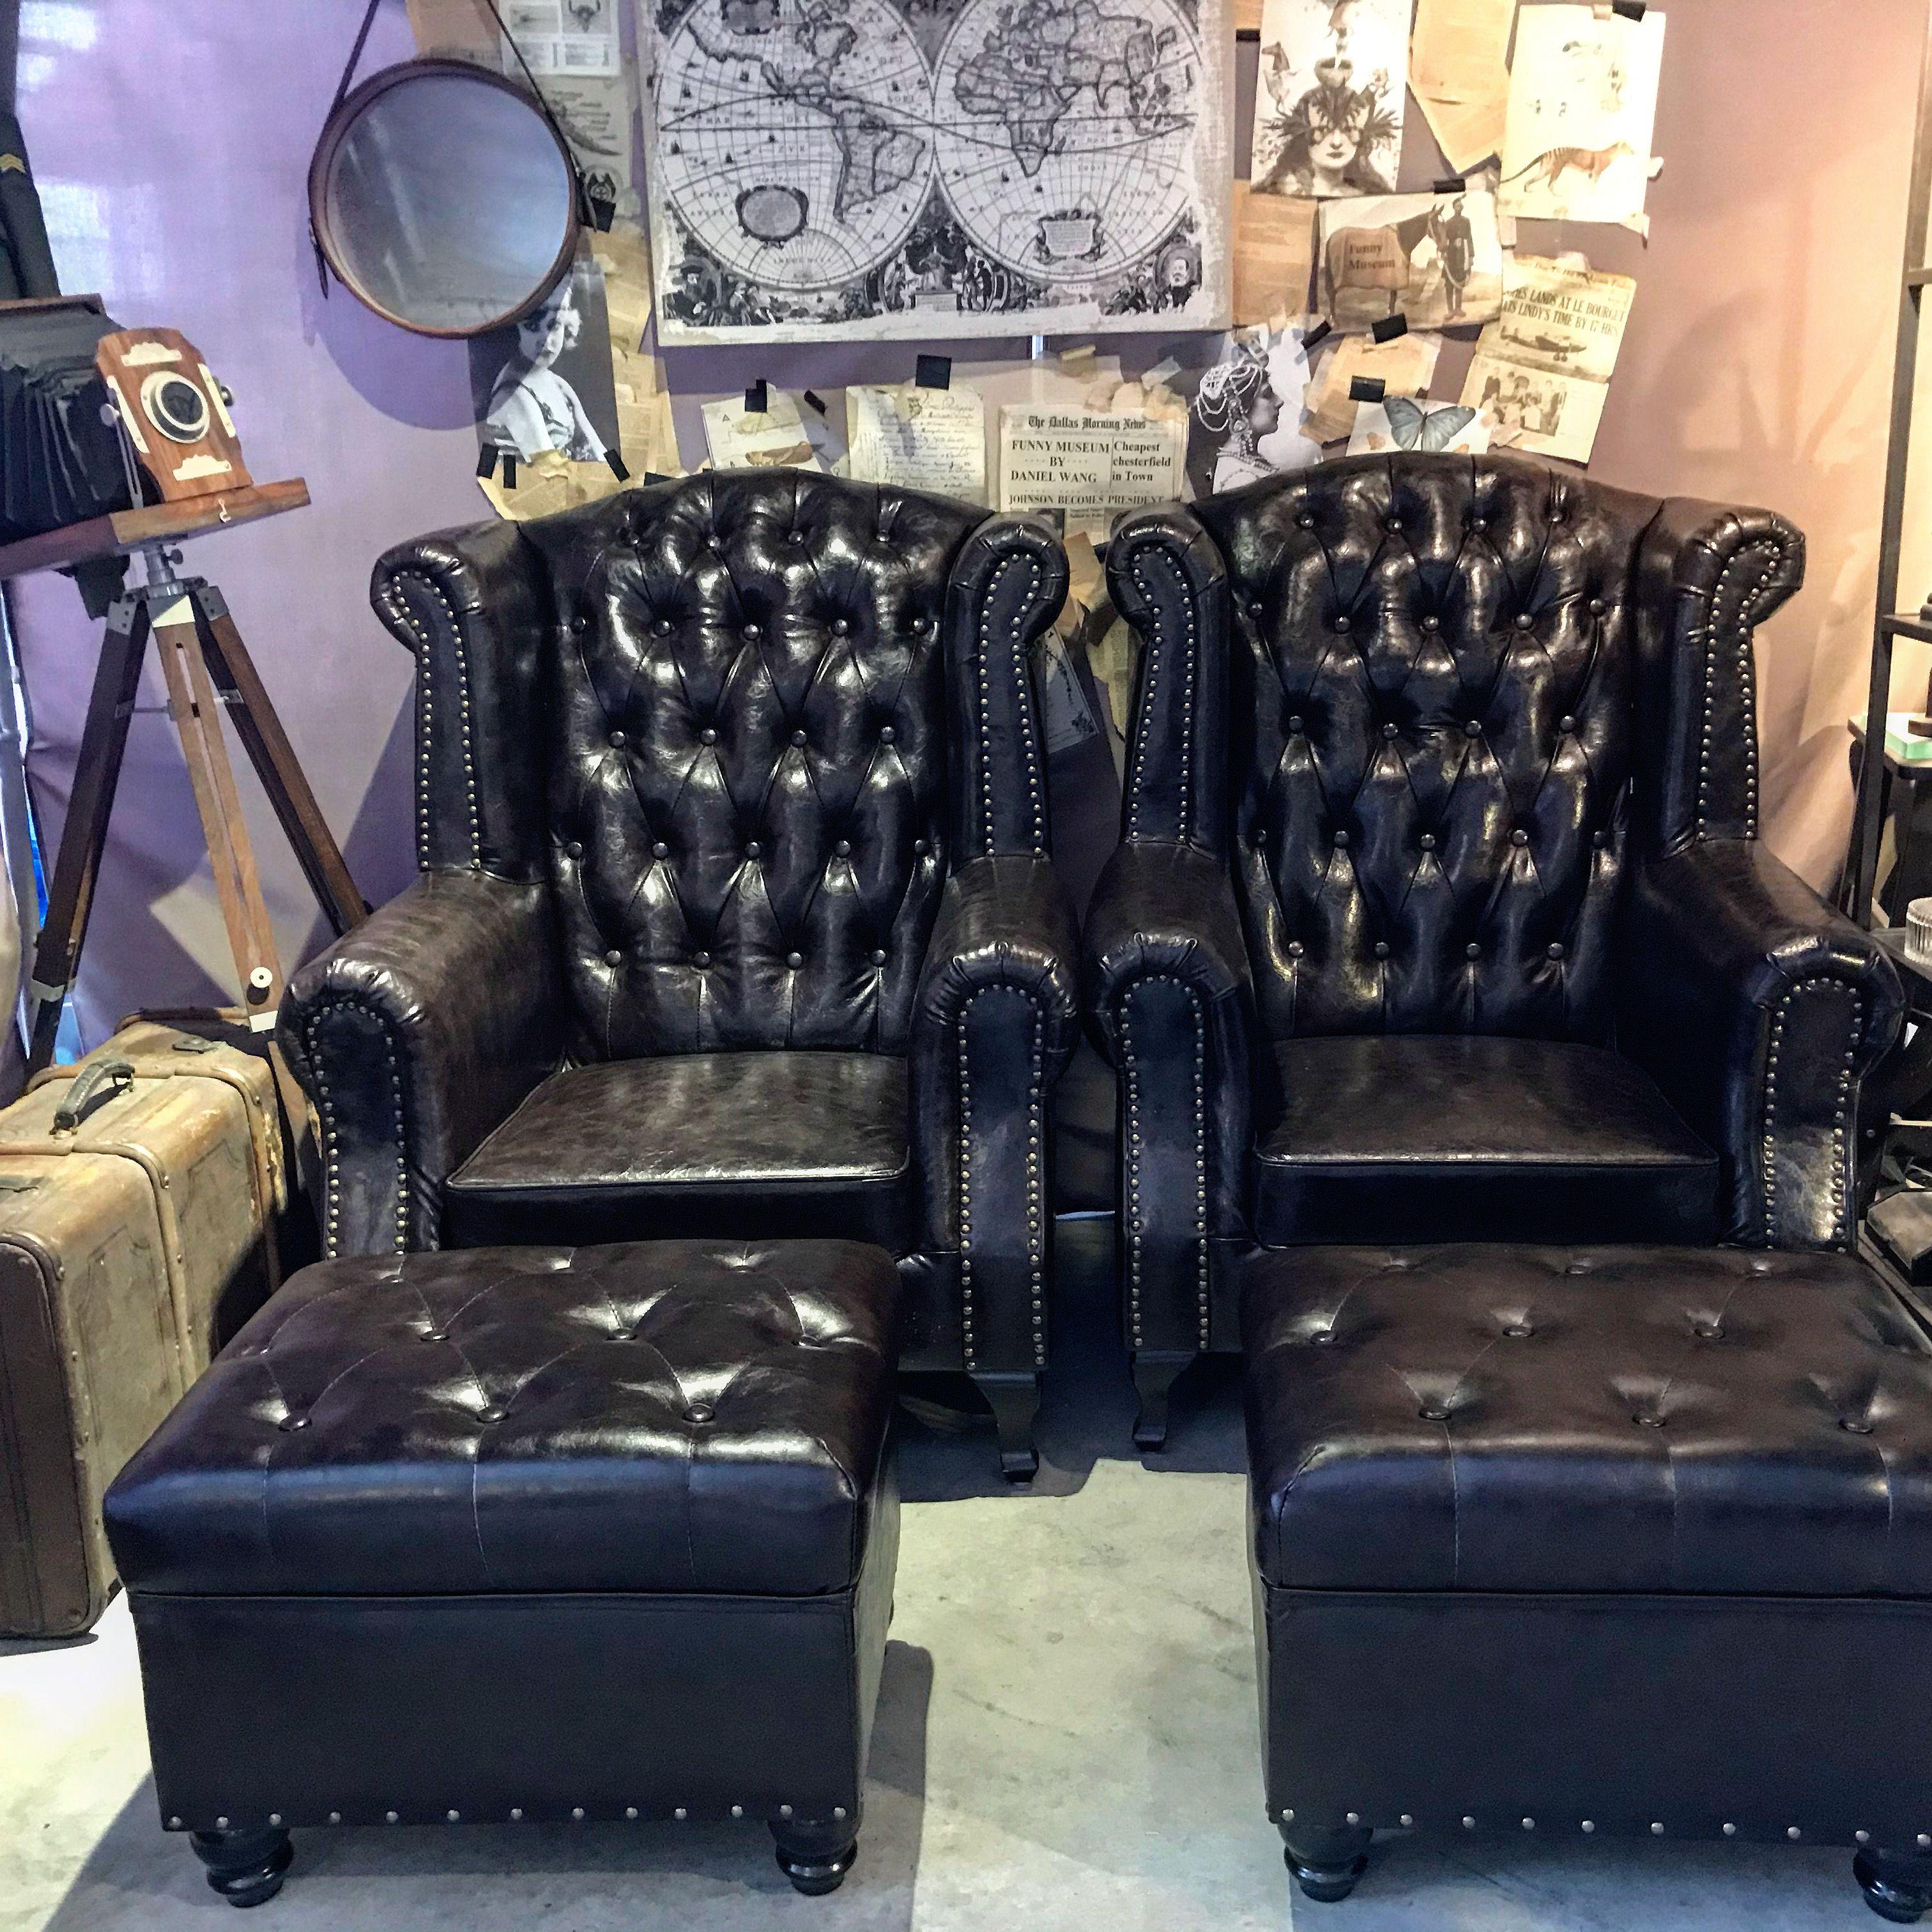 chesterfield gentlemen armchair in 2020 | Armchairs for ...